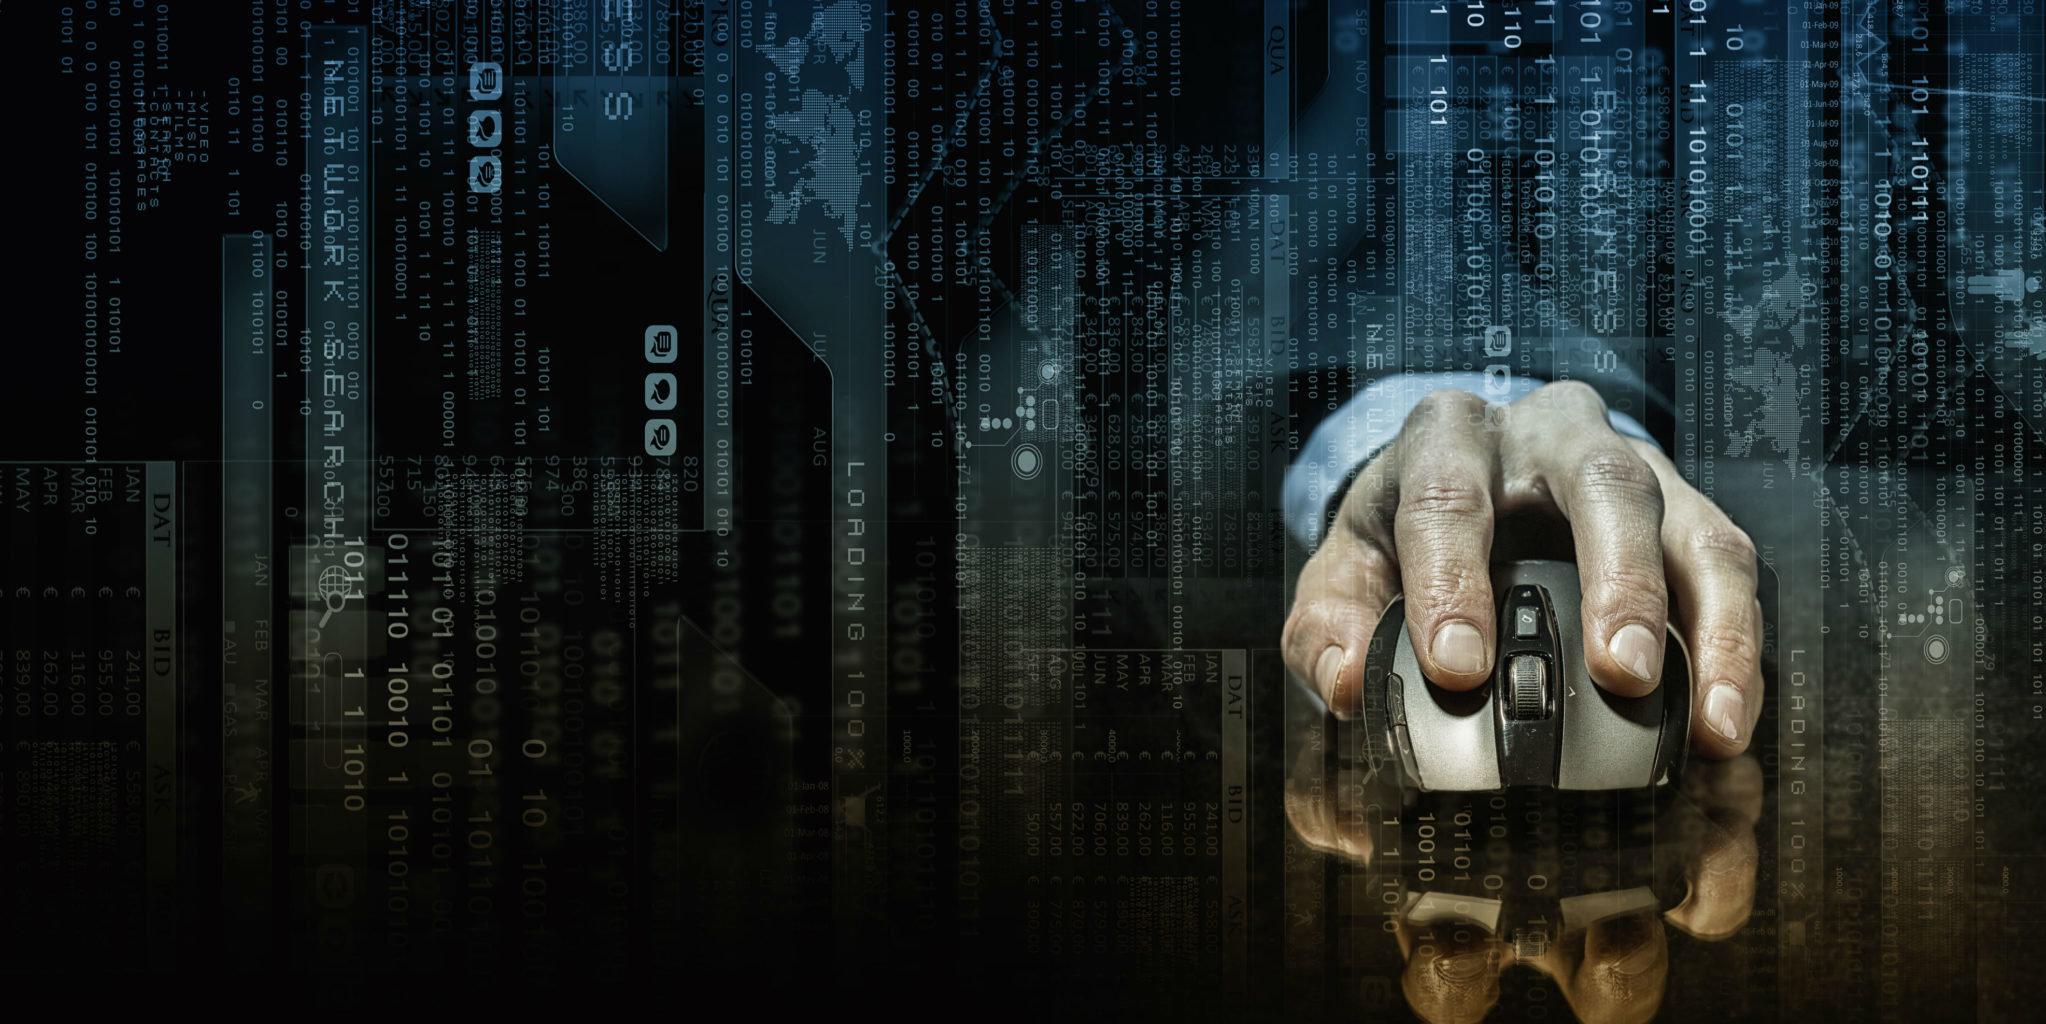 İnternetin Derin ve Karanlık Yüzü: Deep Web ve Dark Web